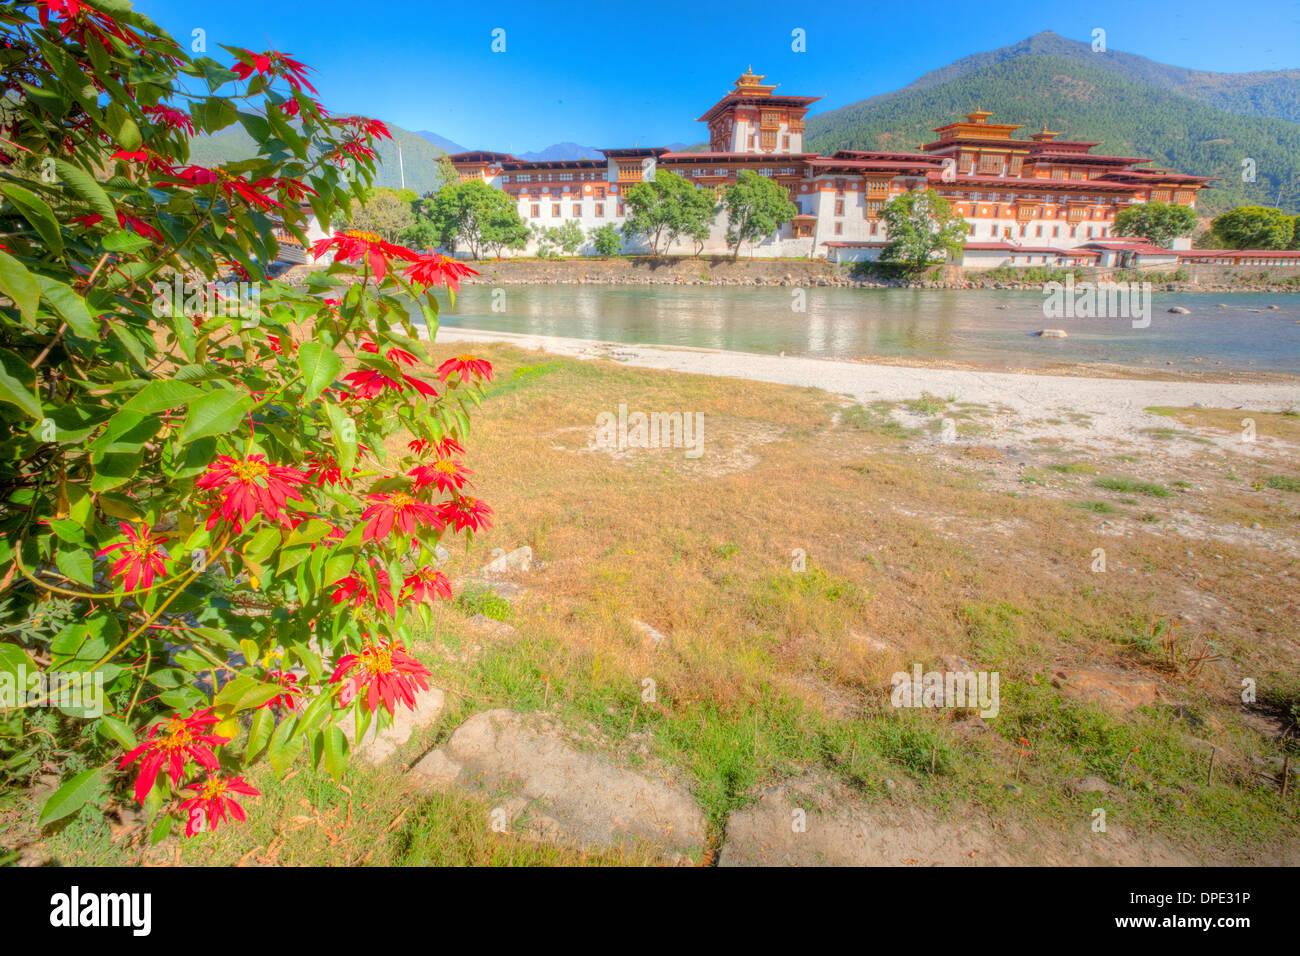 Punakha Dzong Himalaya Bhoutan monastère construit à l'origine dans 1300s site sacré bhoutanais sur Phochu et Mochu River Photo Stock